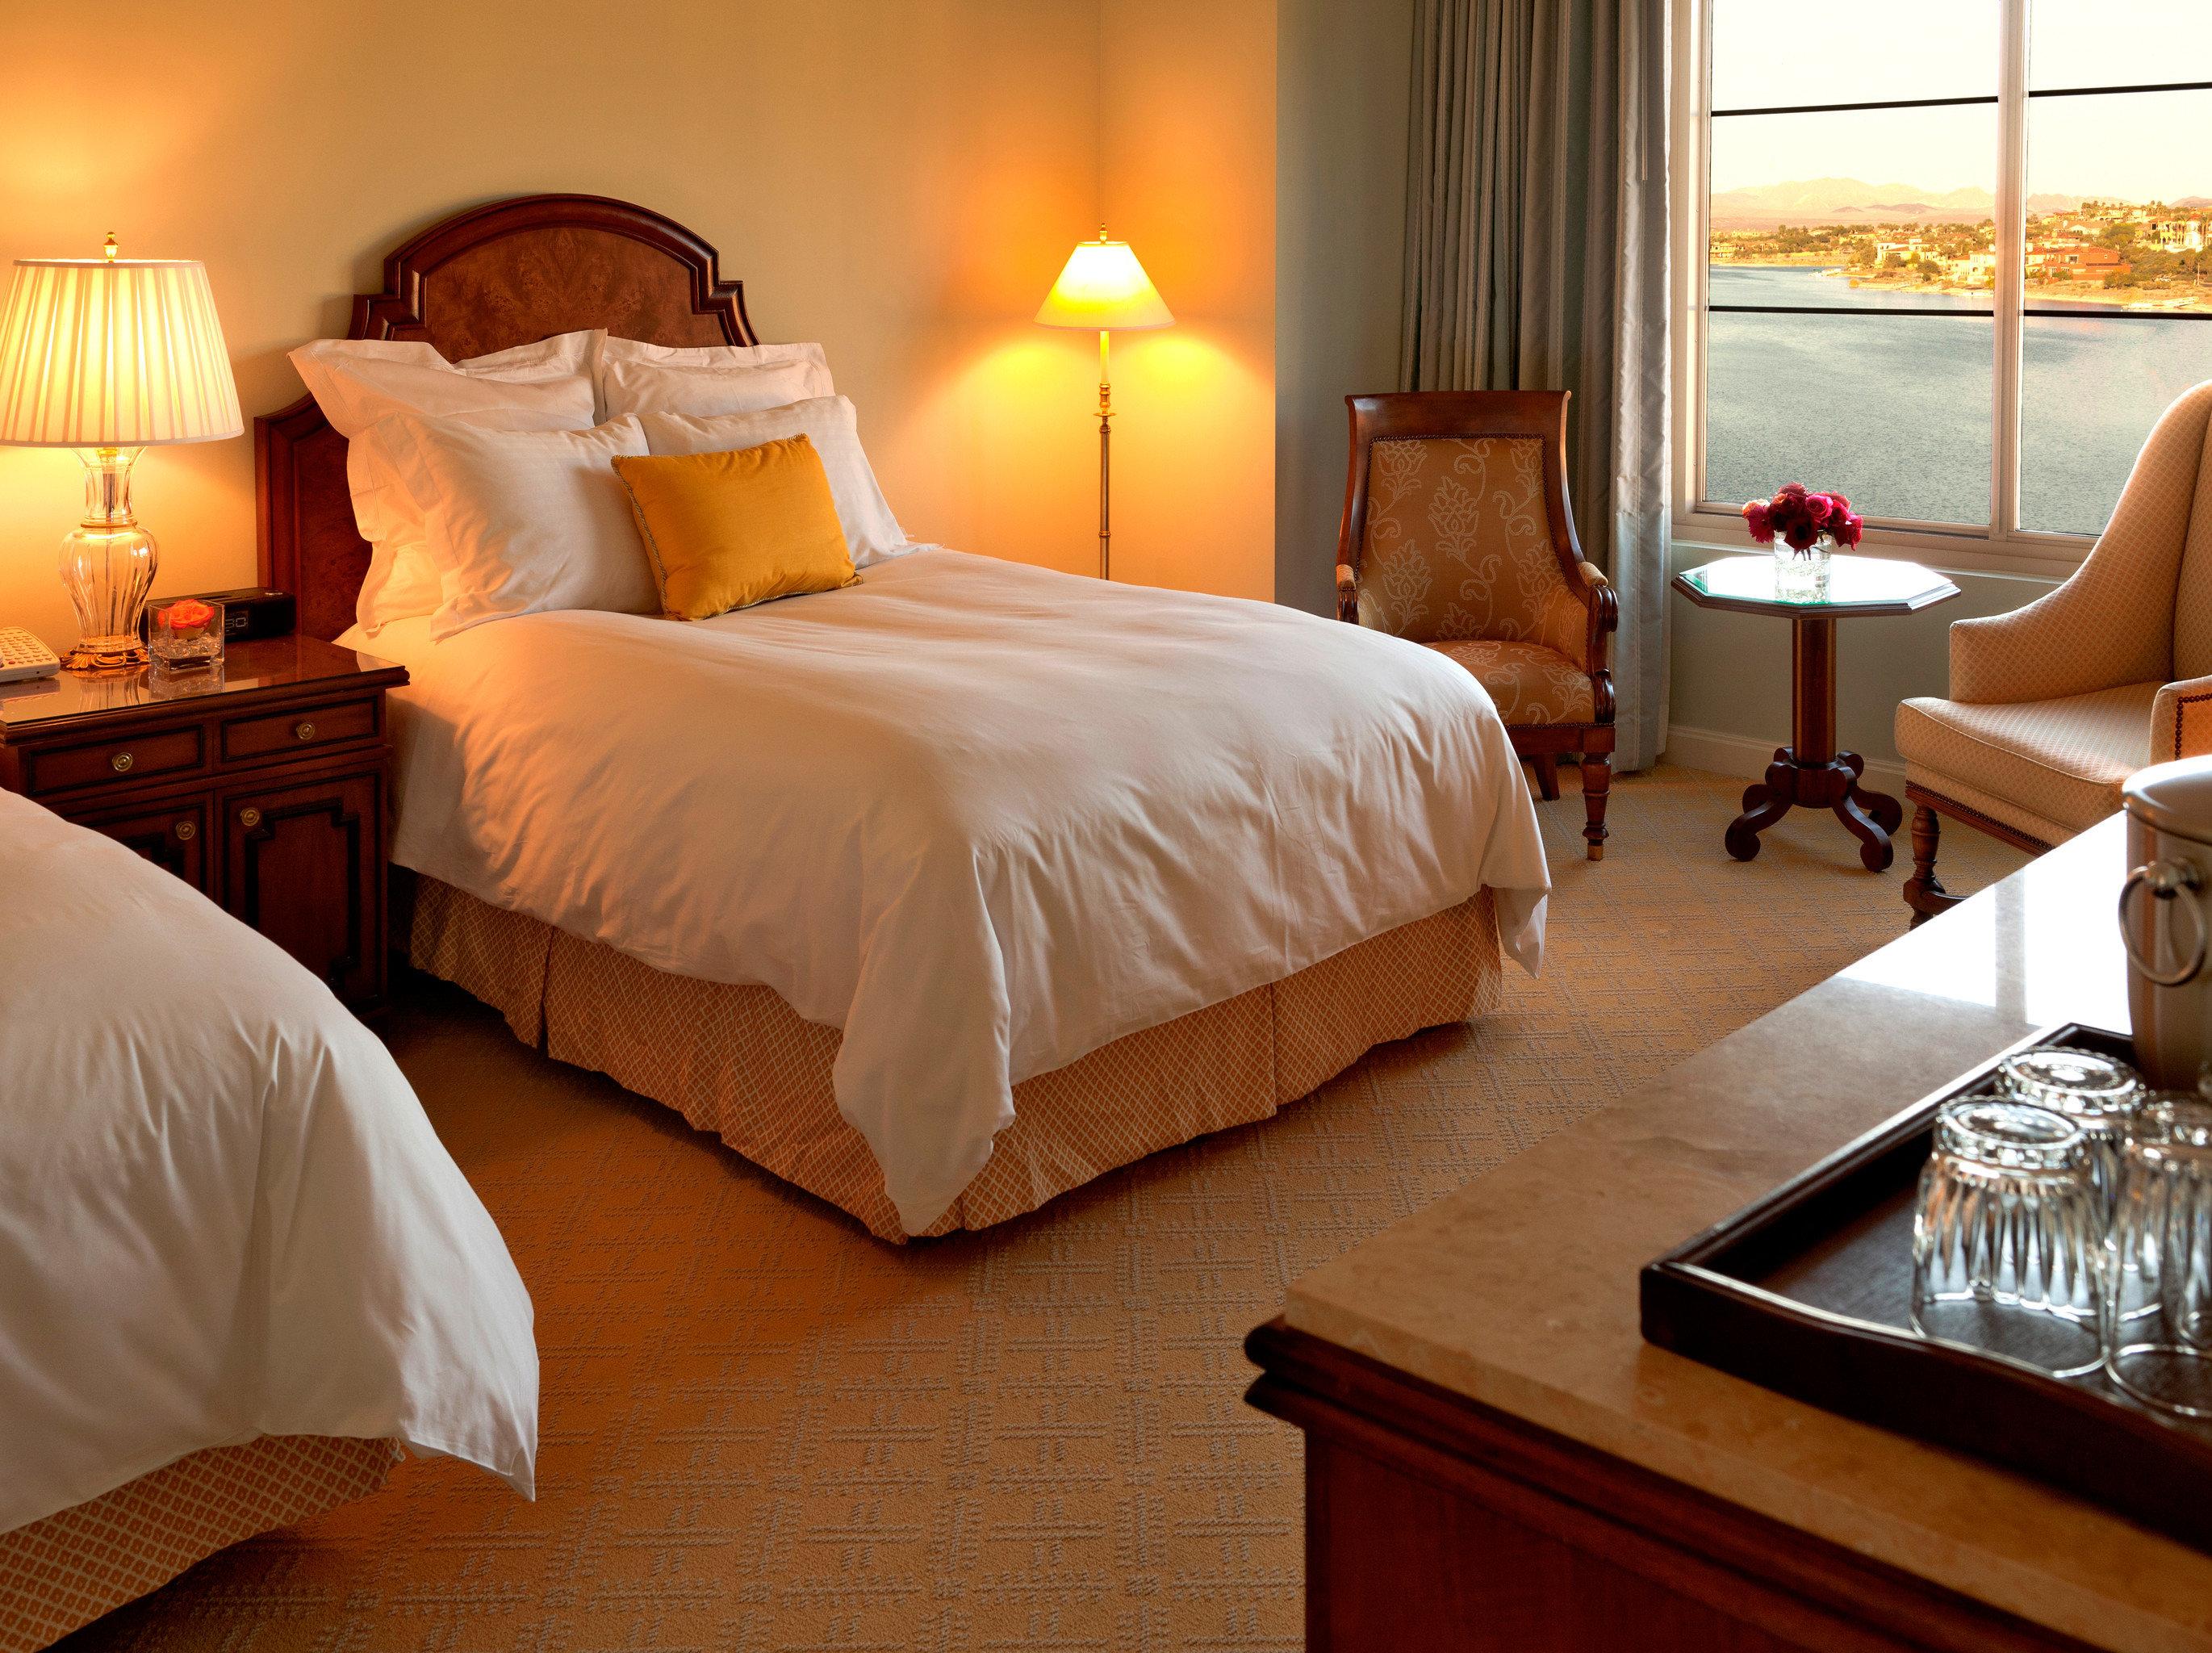 Bedroom Modern Resort property Suite cottage bed sheet